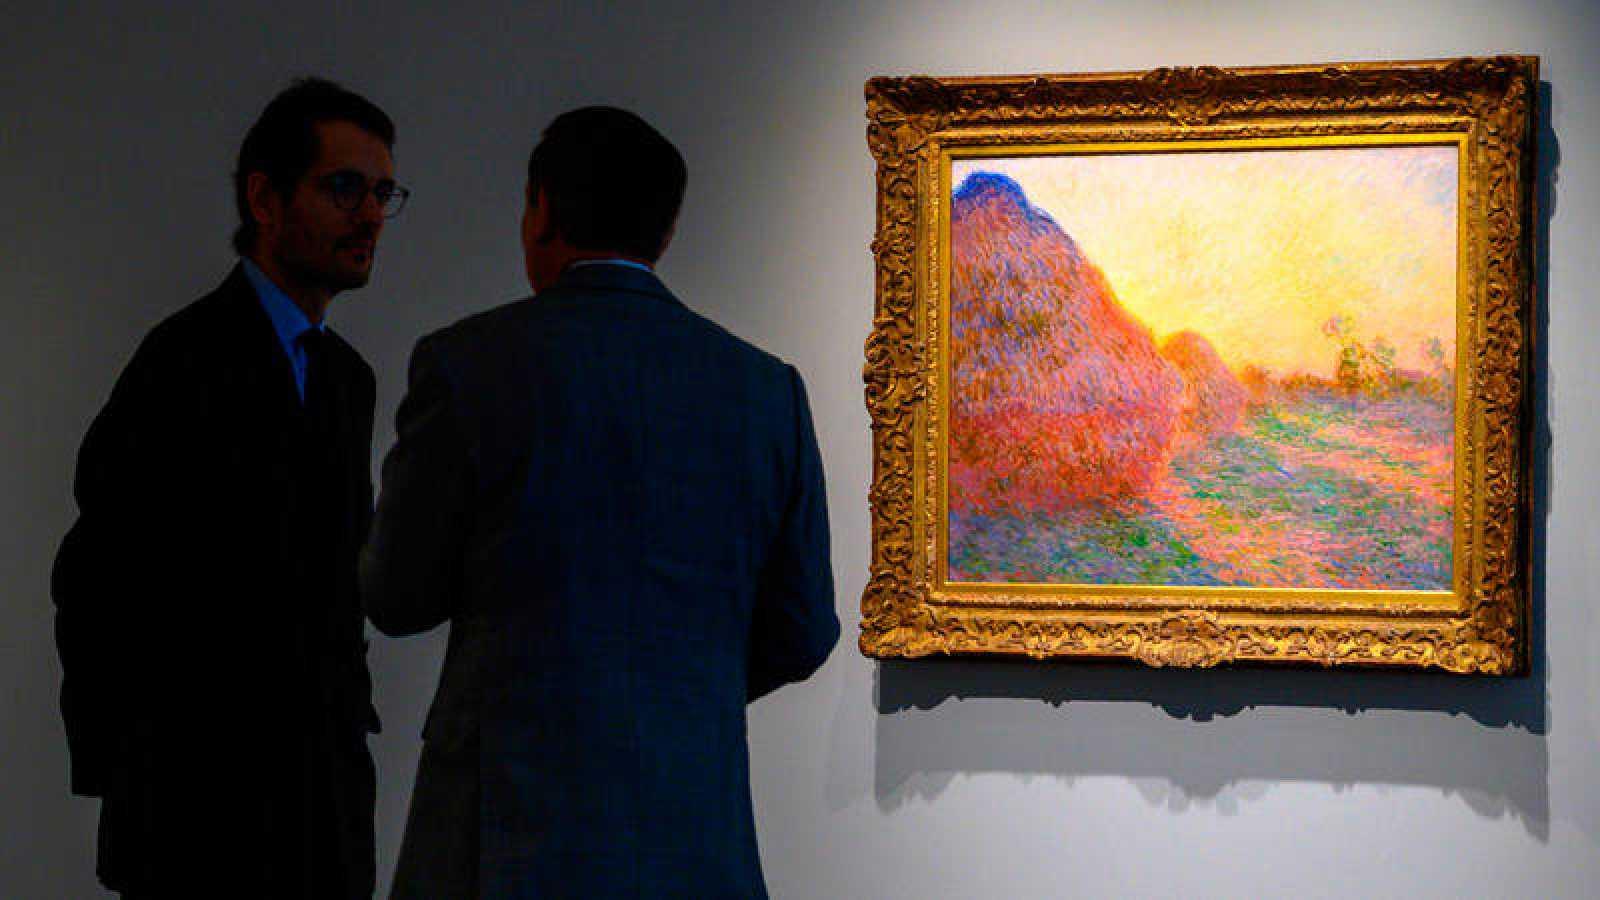 Un cuadro de Monet se convierte en el lienzo impresionista más caro